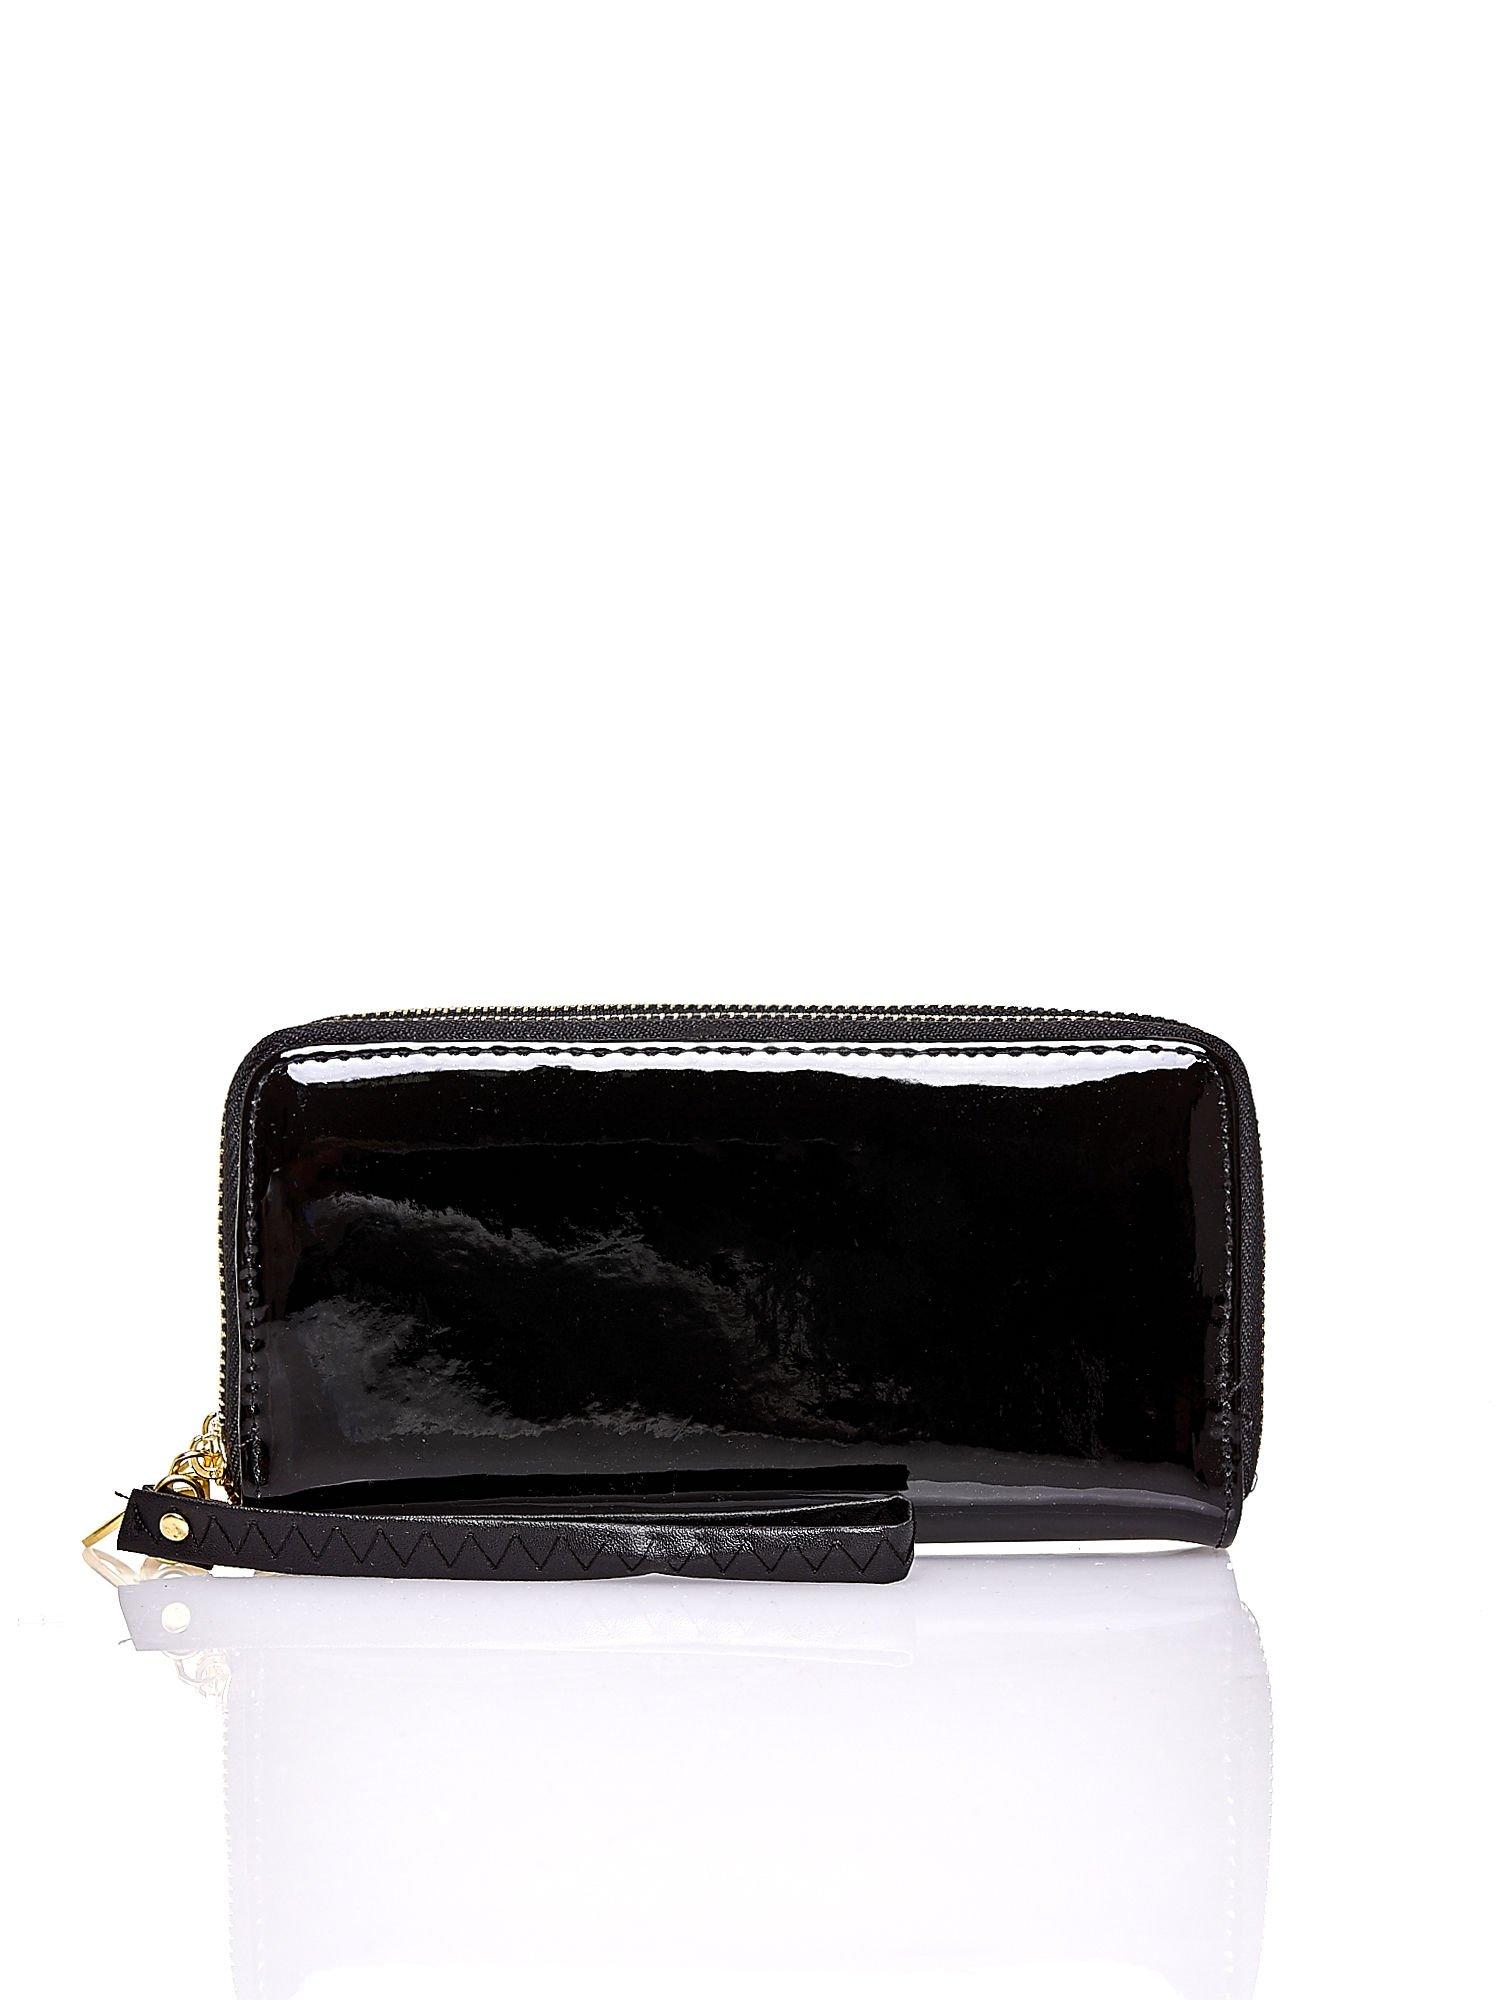 Czarny lakierowany portfel z uchwytem na rękę                                  zdj.                                  1